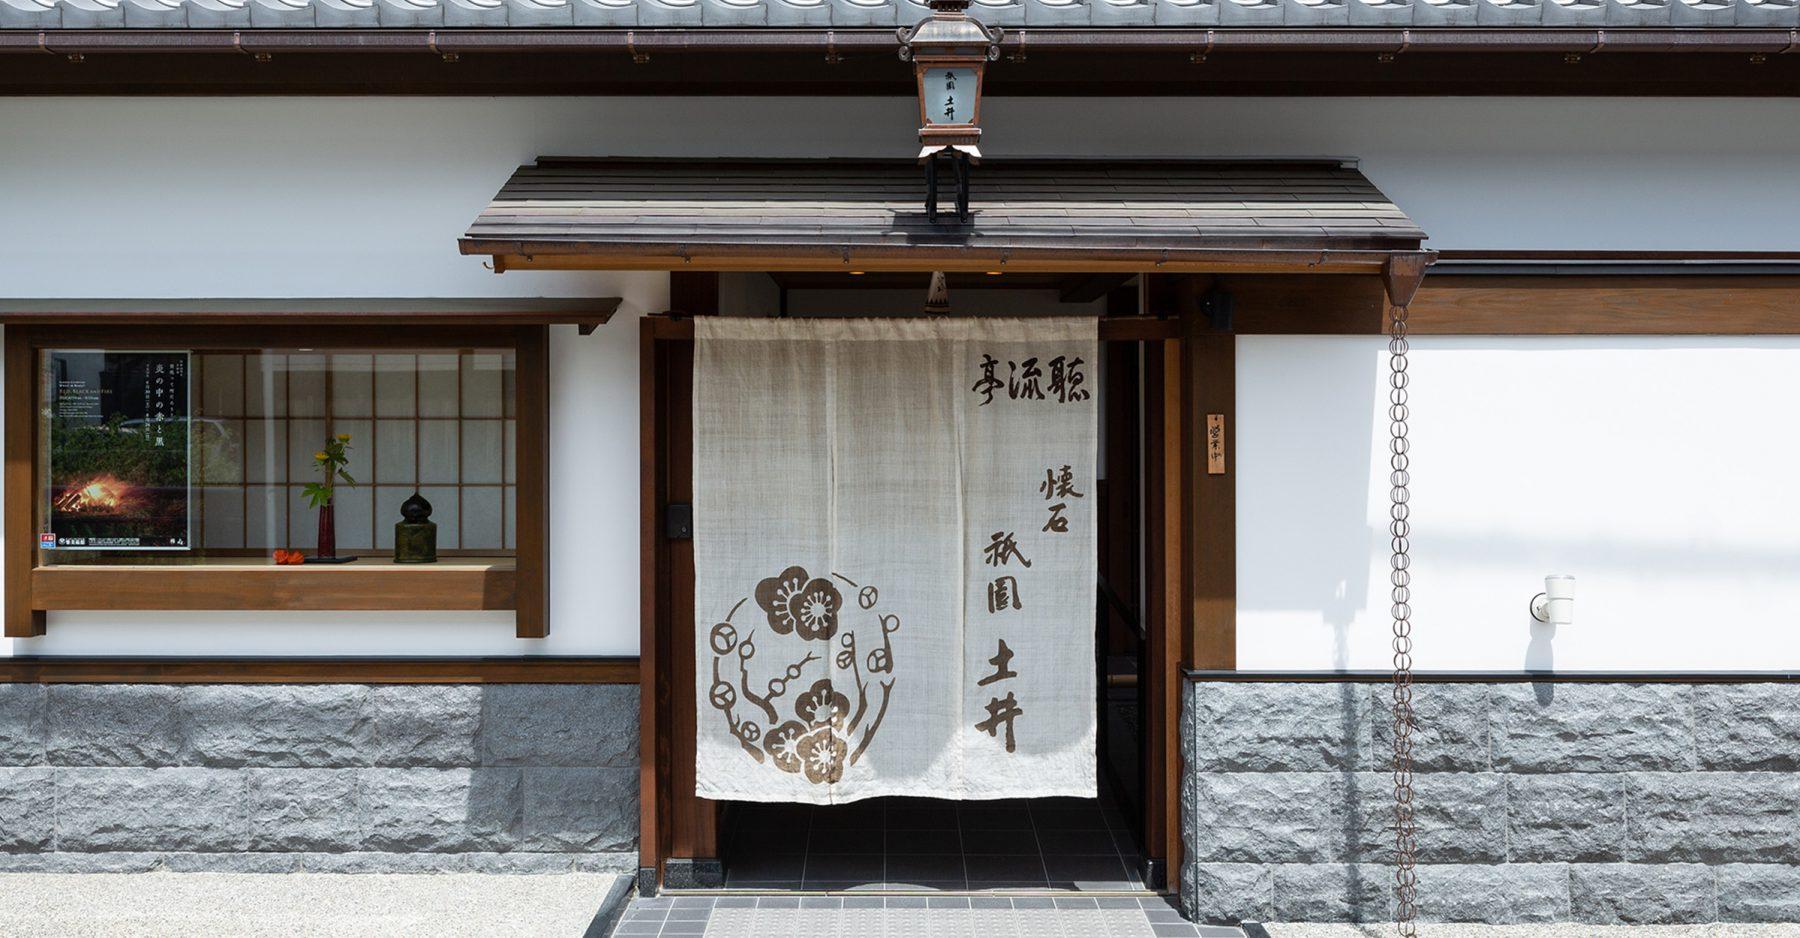 祇園 土井の写真